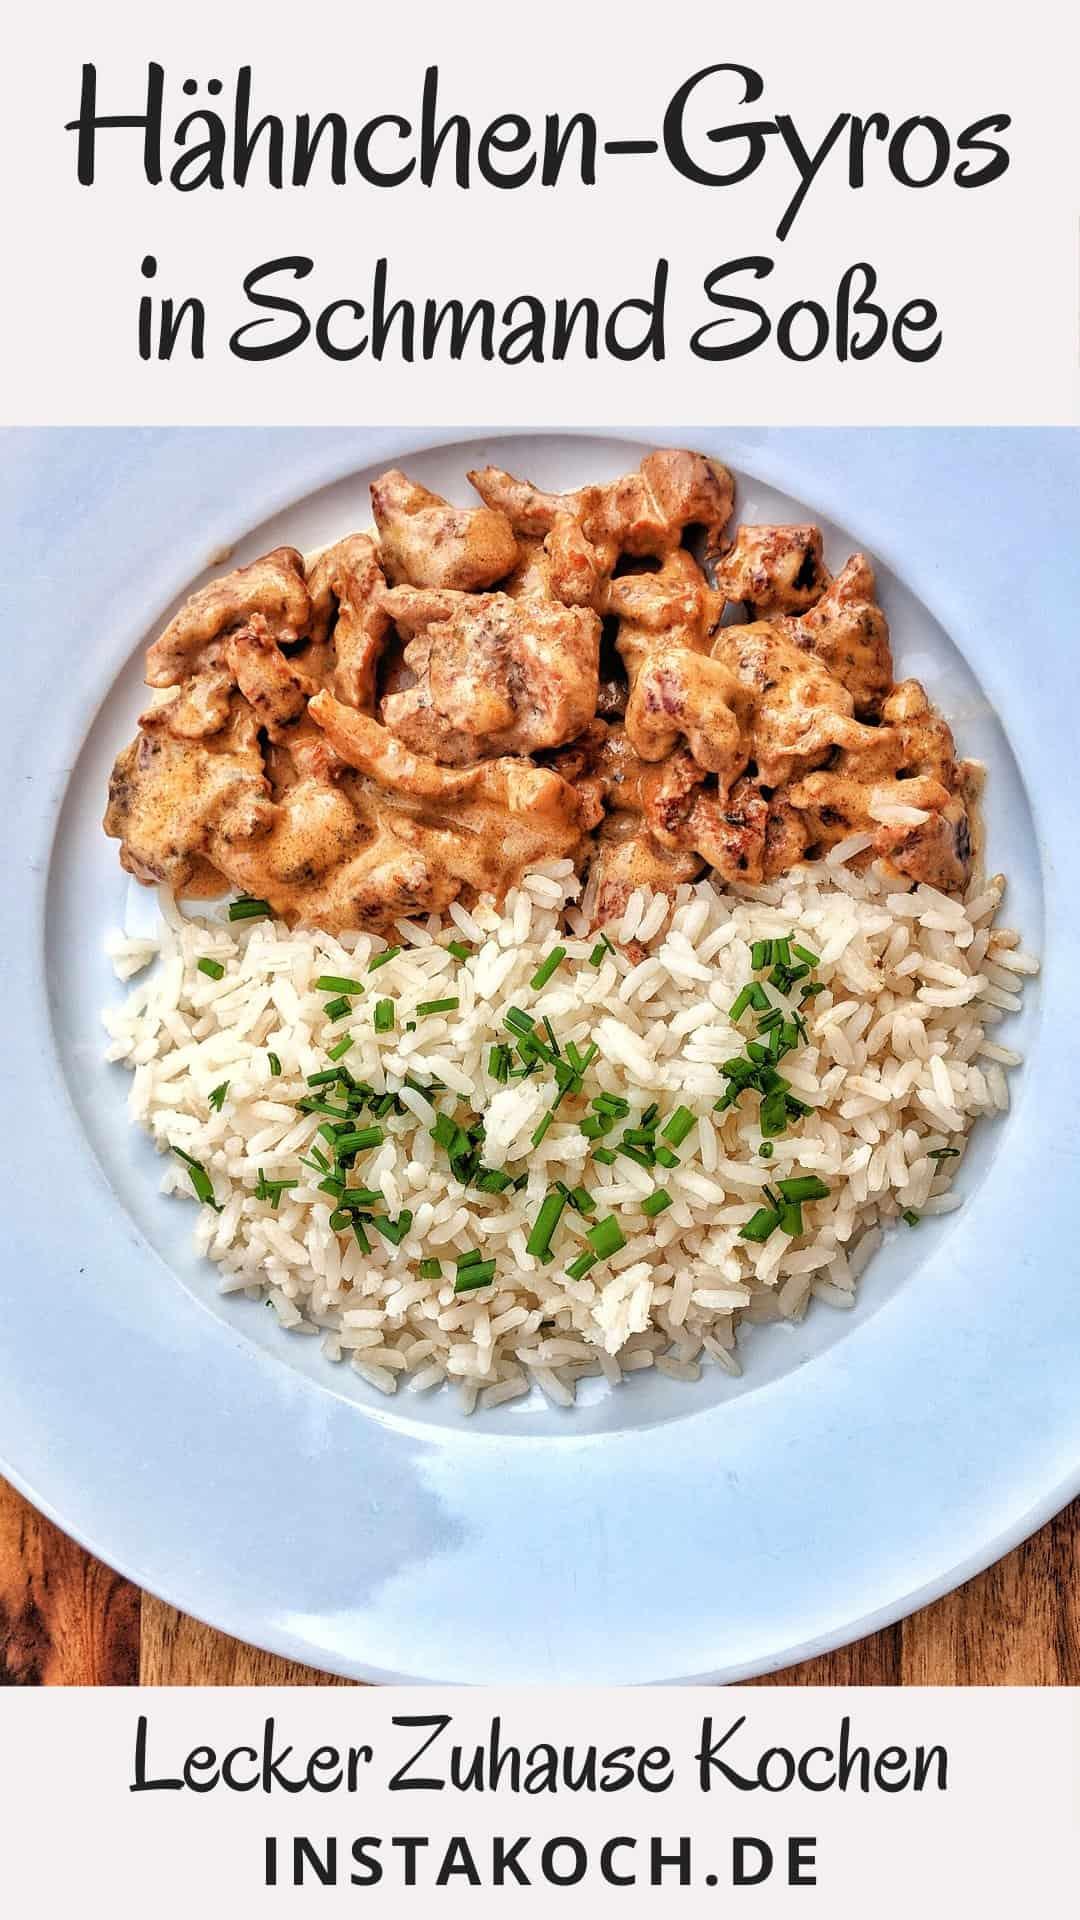 Ein weisser Teller mit Gyrosgeschnetzeltem in Schmandsoße mit Reis.